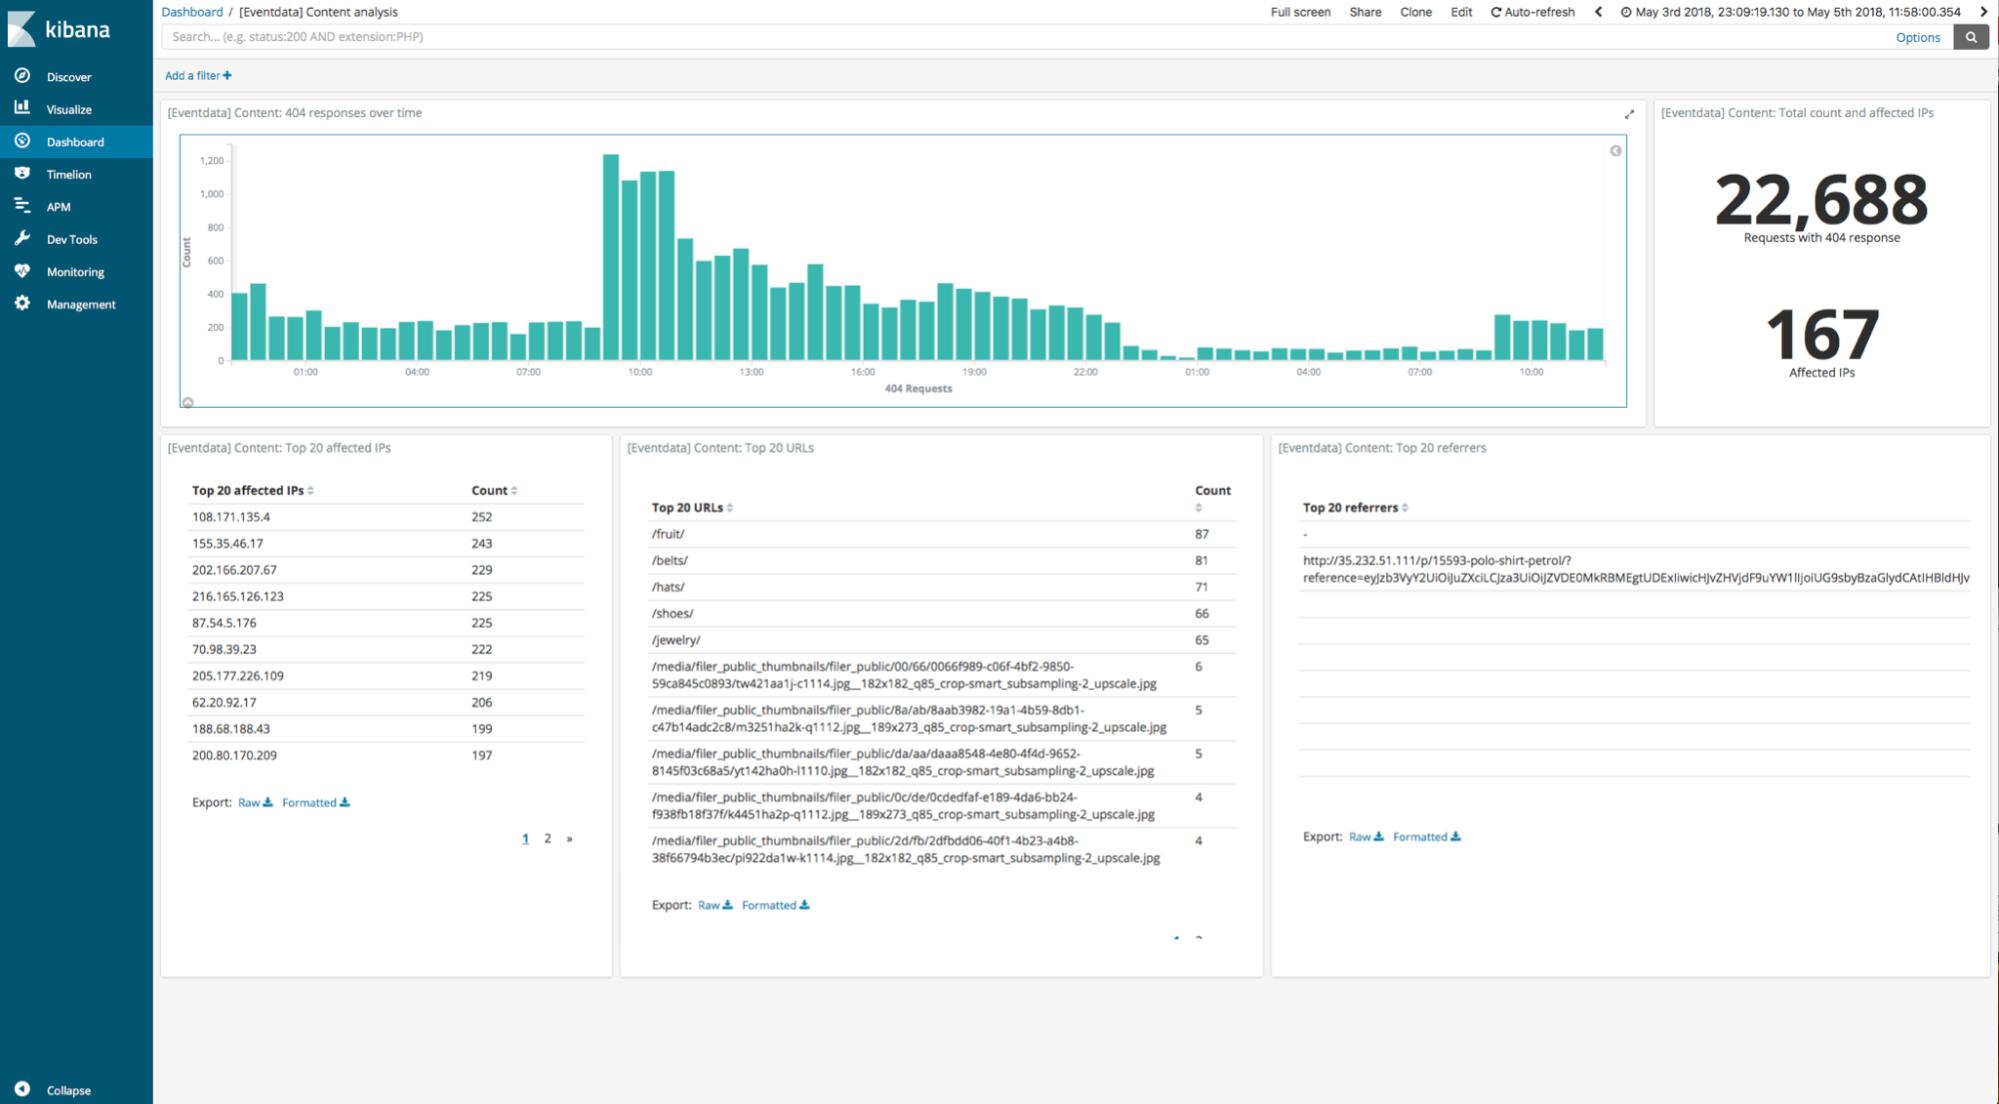 blog-frozen-tier-benchmarking-1.png